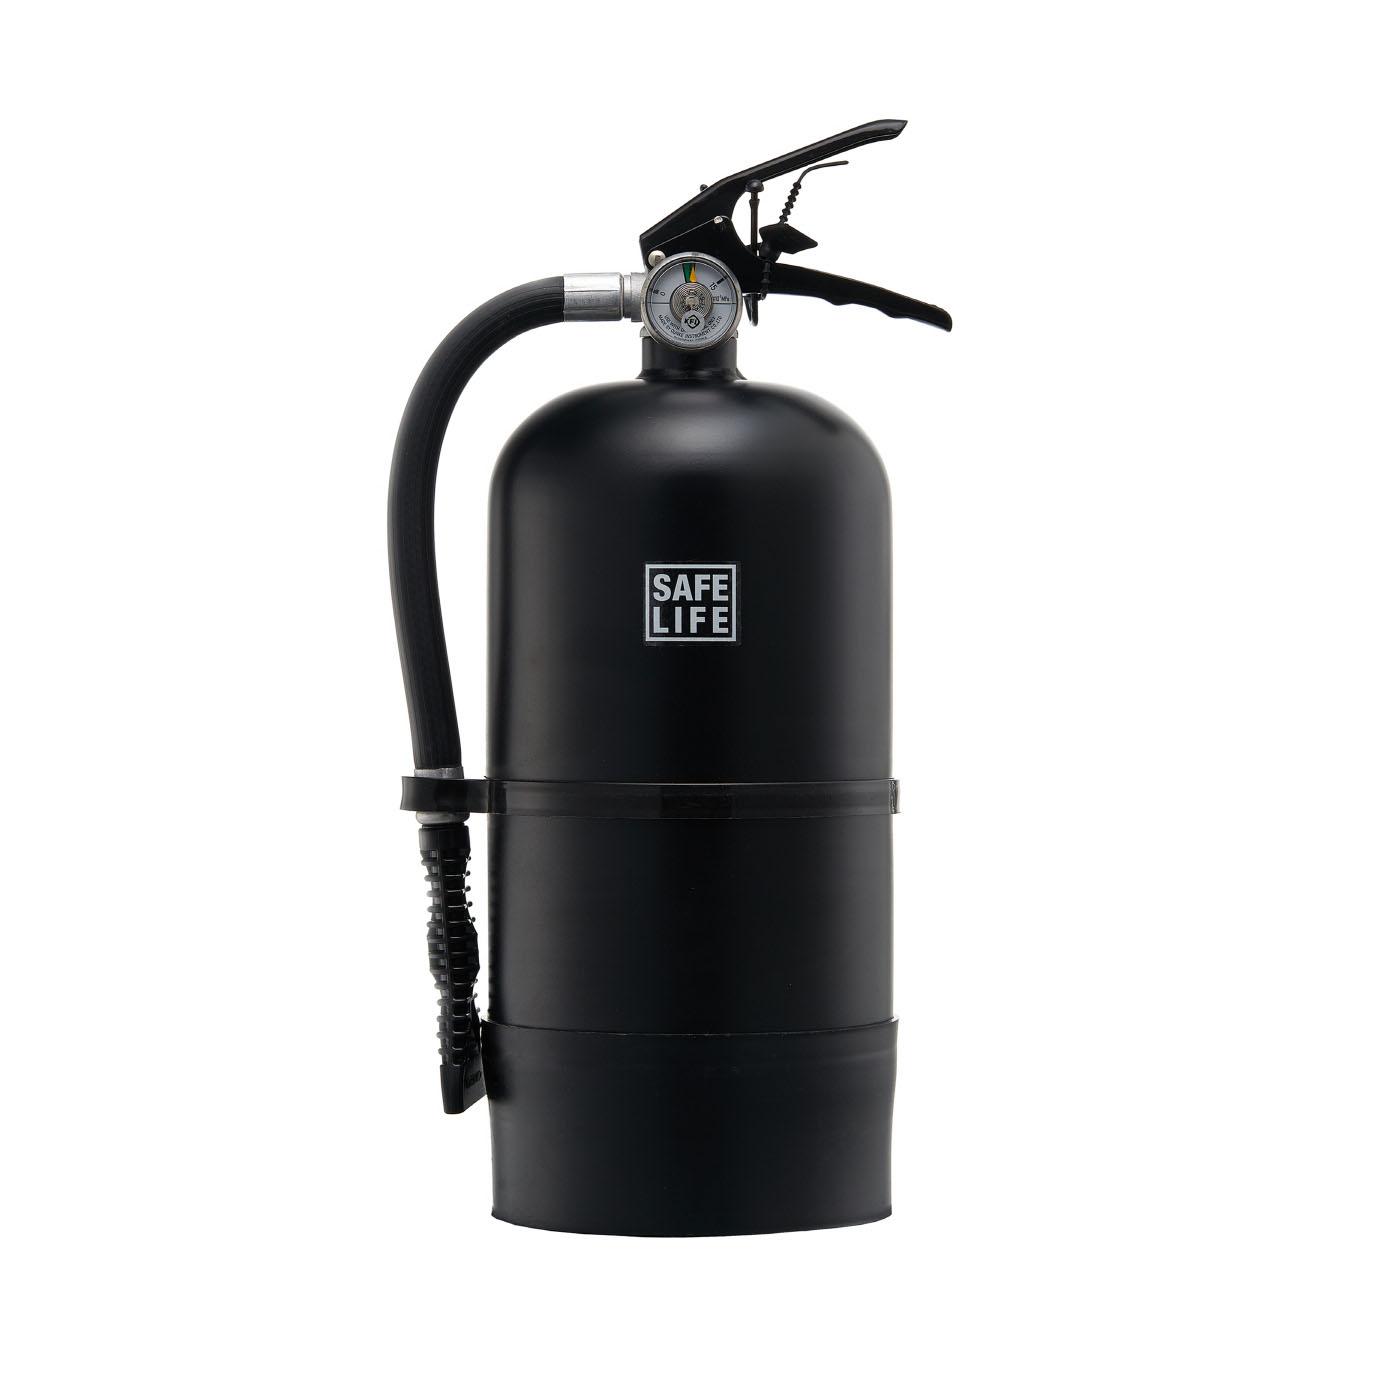 세이프라이프 분말 소화기 블랙 3.3kg Z33, 1개